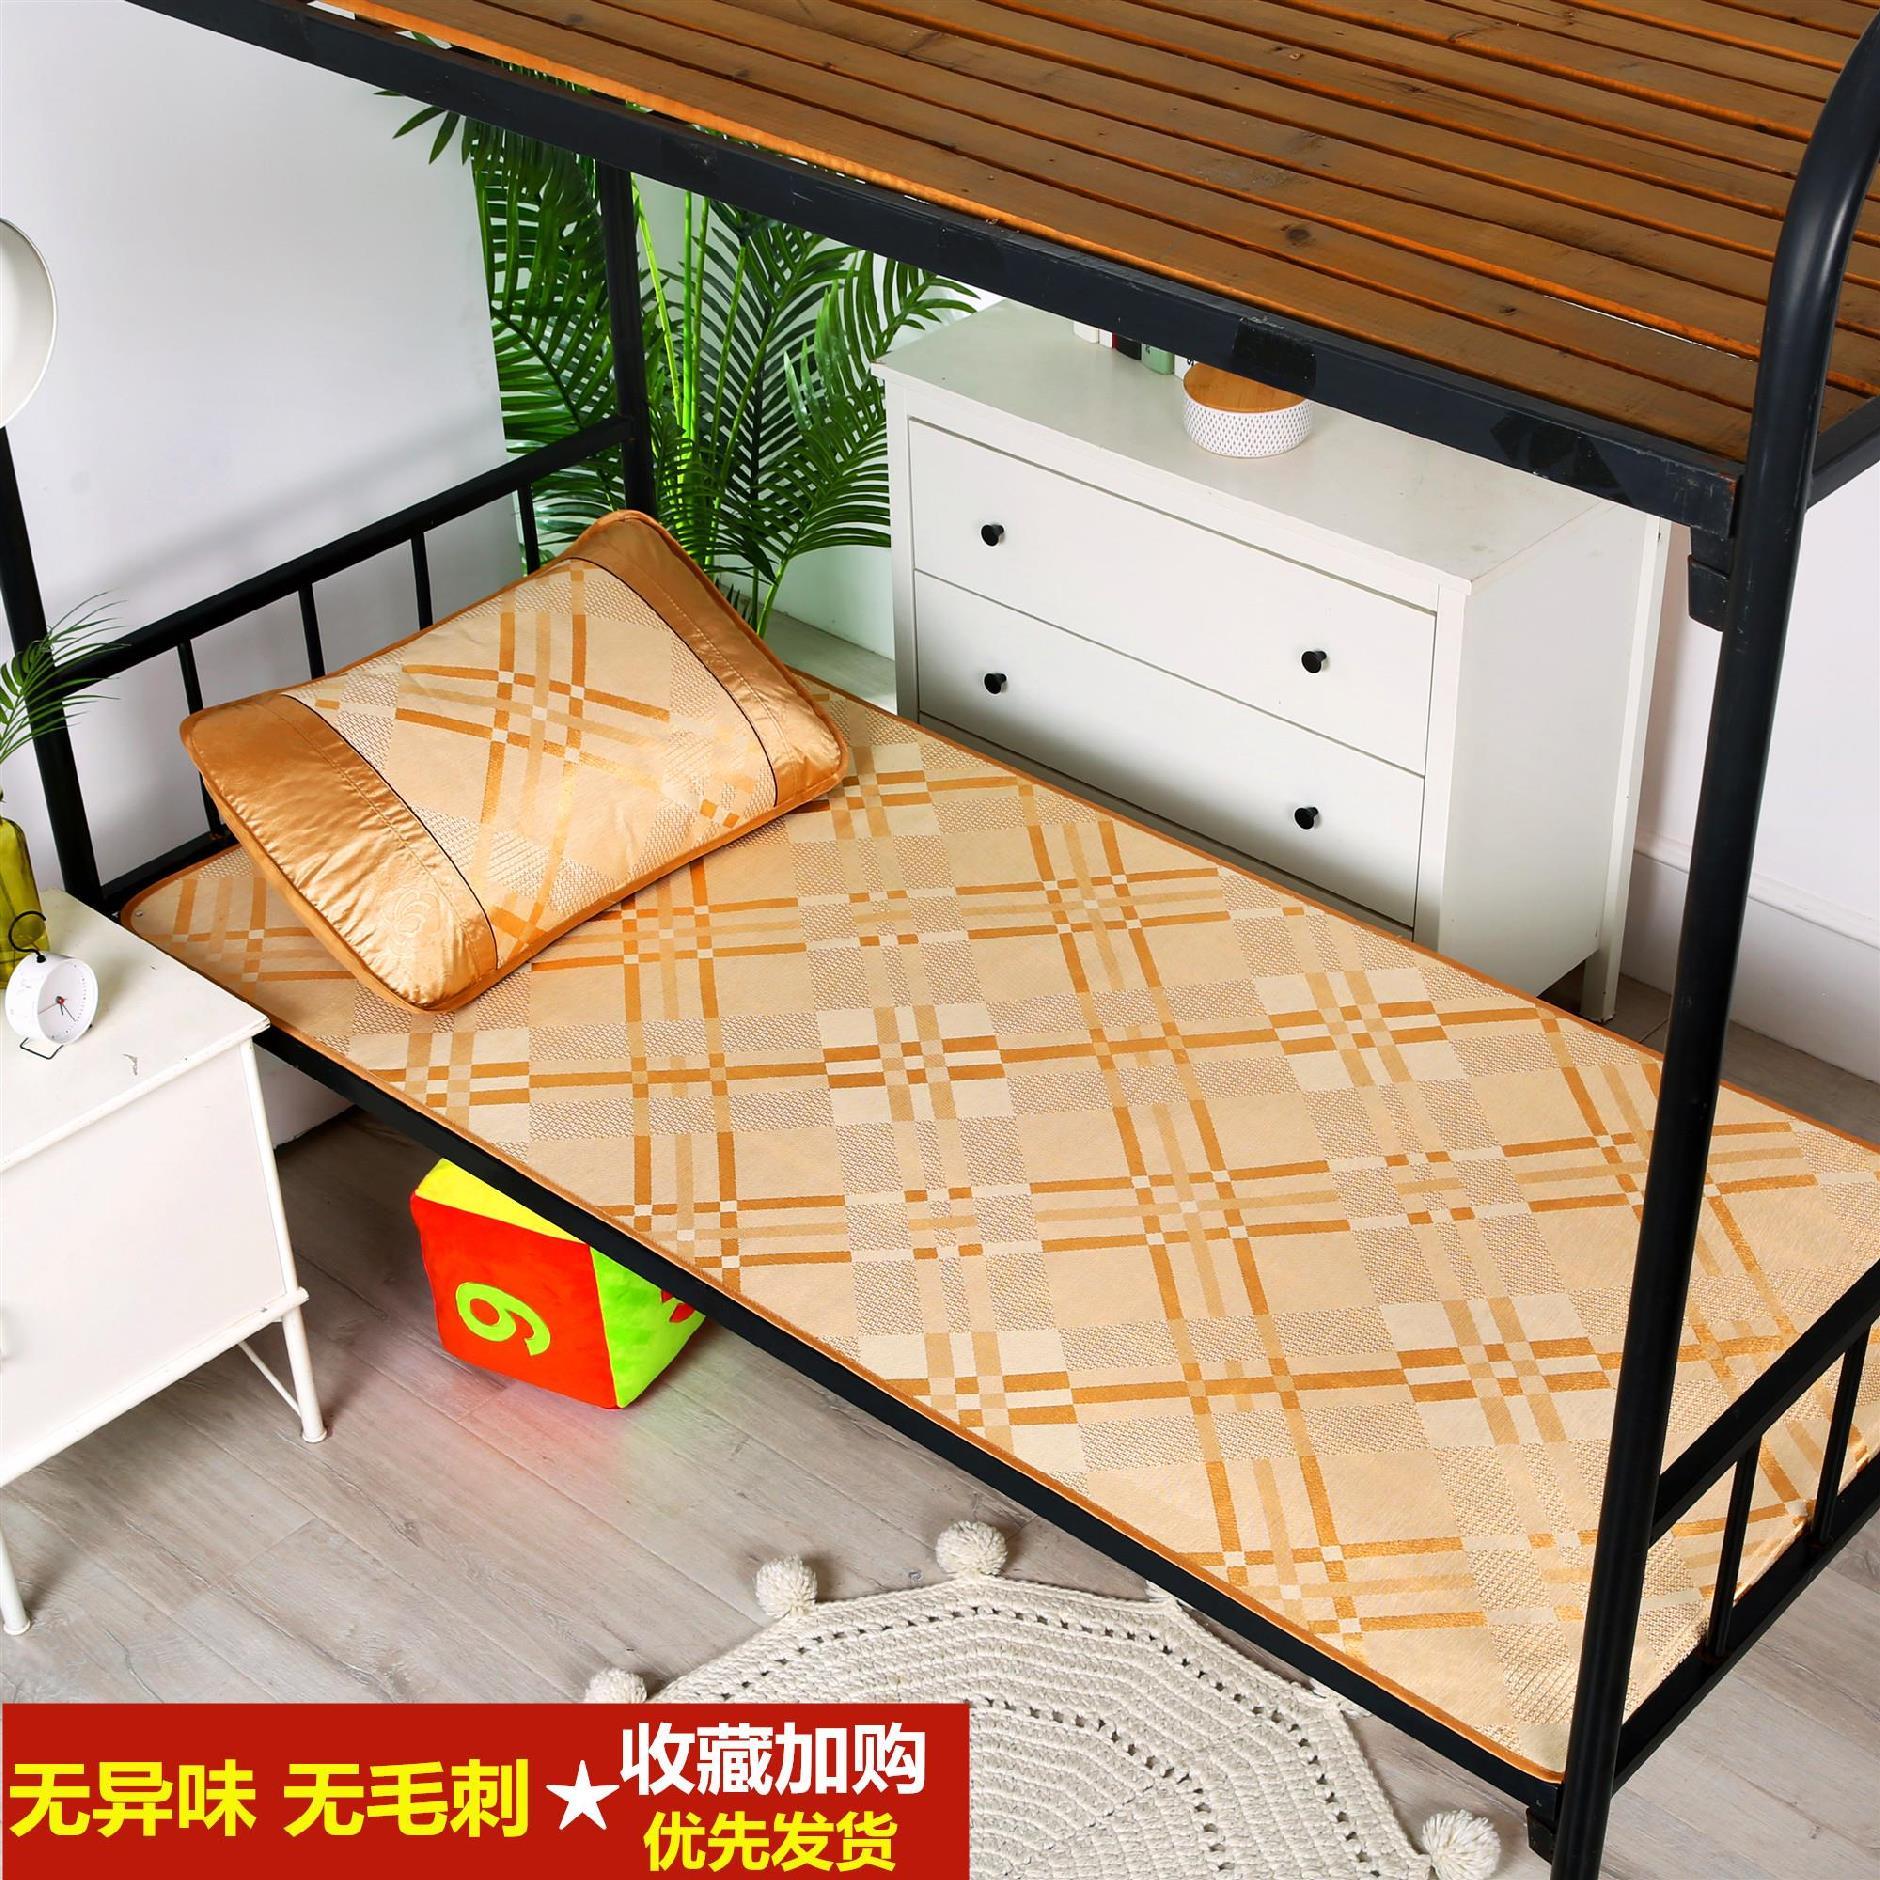 中國代購 中國批發-ibuy99 车用垫子 车用垫子学生凉席90公分20211.8高档北欧1.5双人床二次元寝室凉席